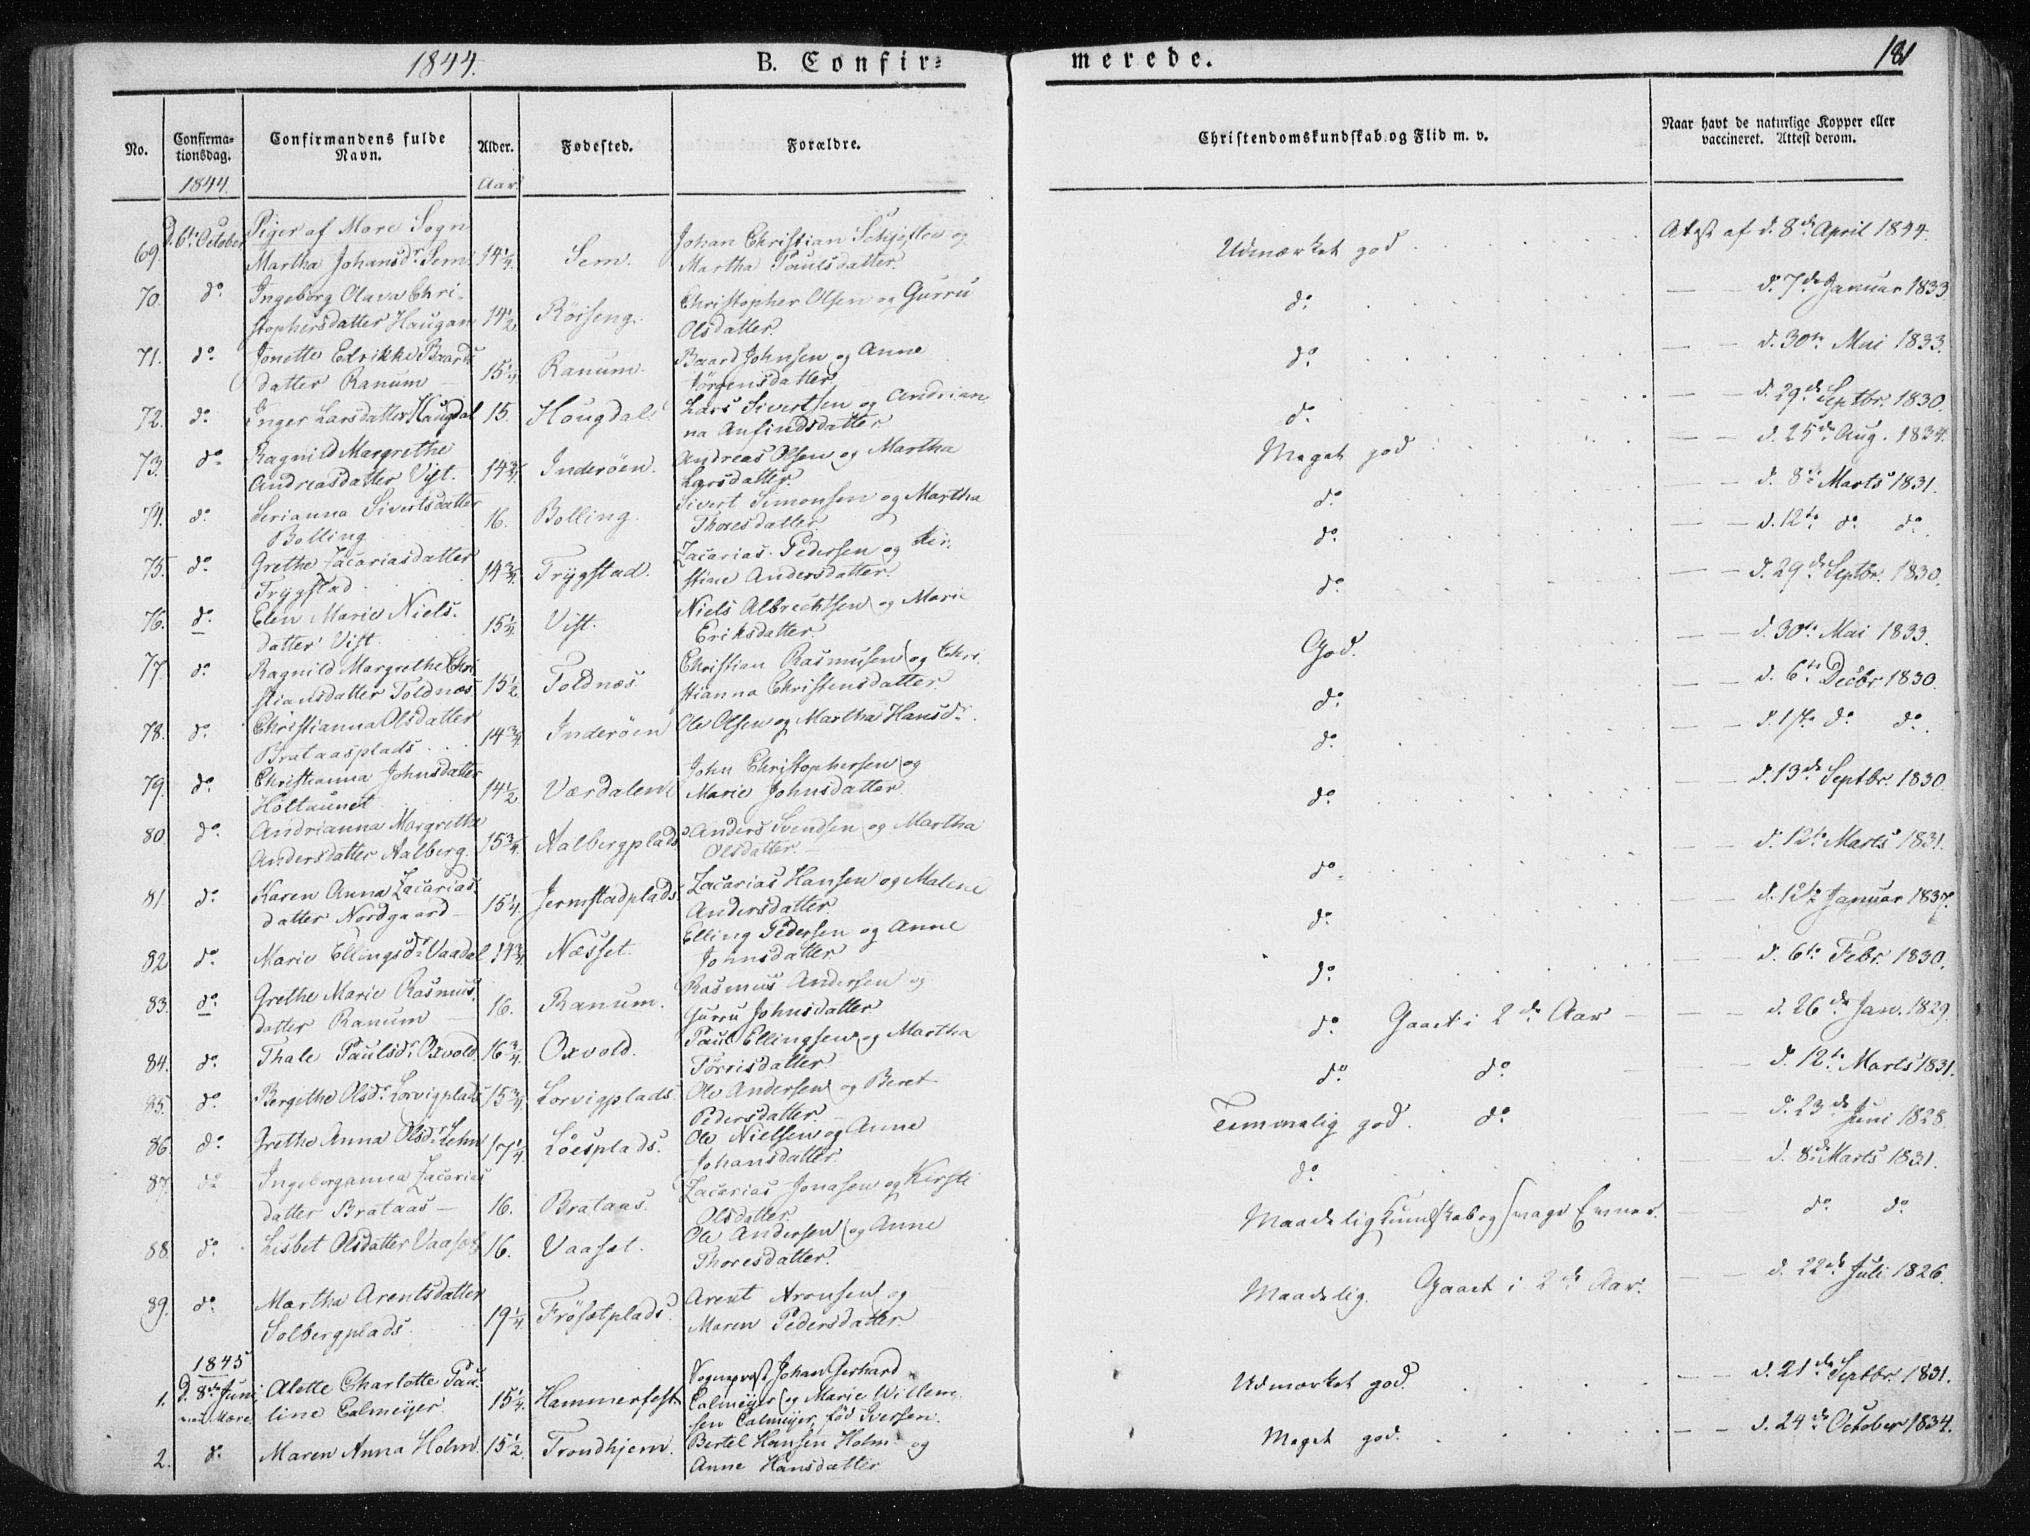 SAT, Ministerialprotokoller, klokkerbøker og fødselsregistre - Nord-Trøndelag, 735/L0339: Ministerialbok nr. 735A06 /1, 1836-1848, s. 181